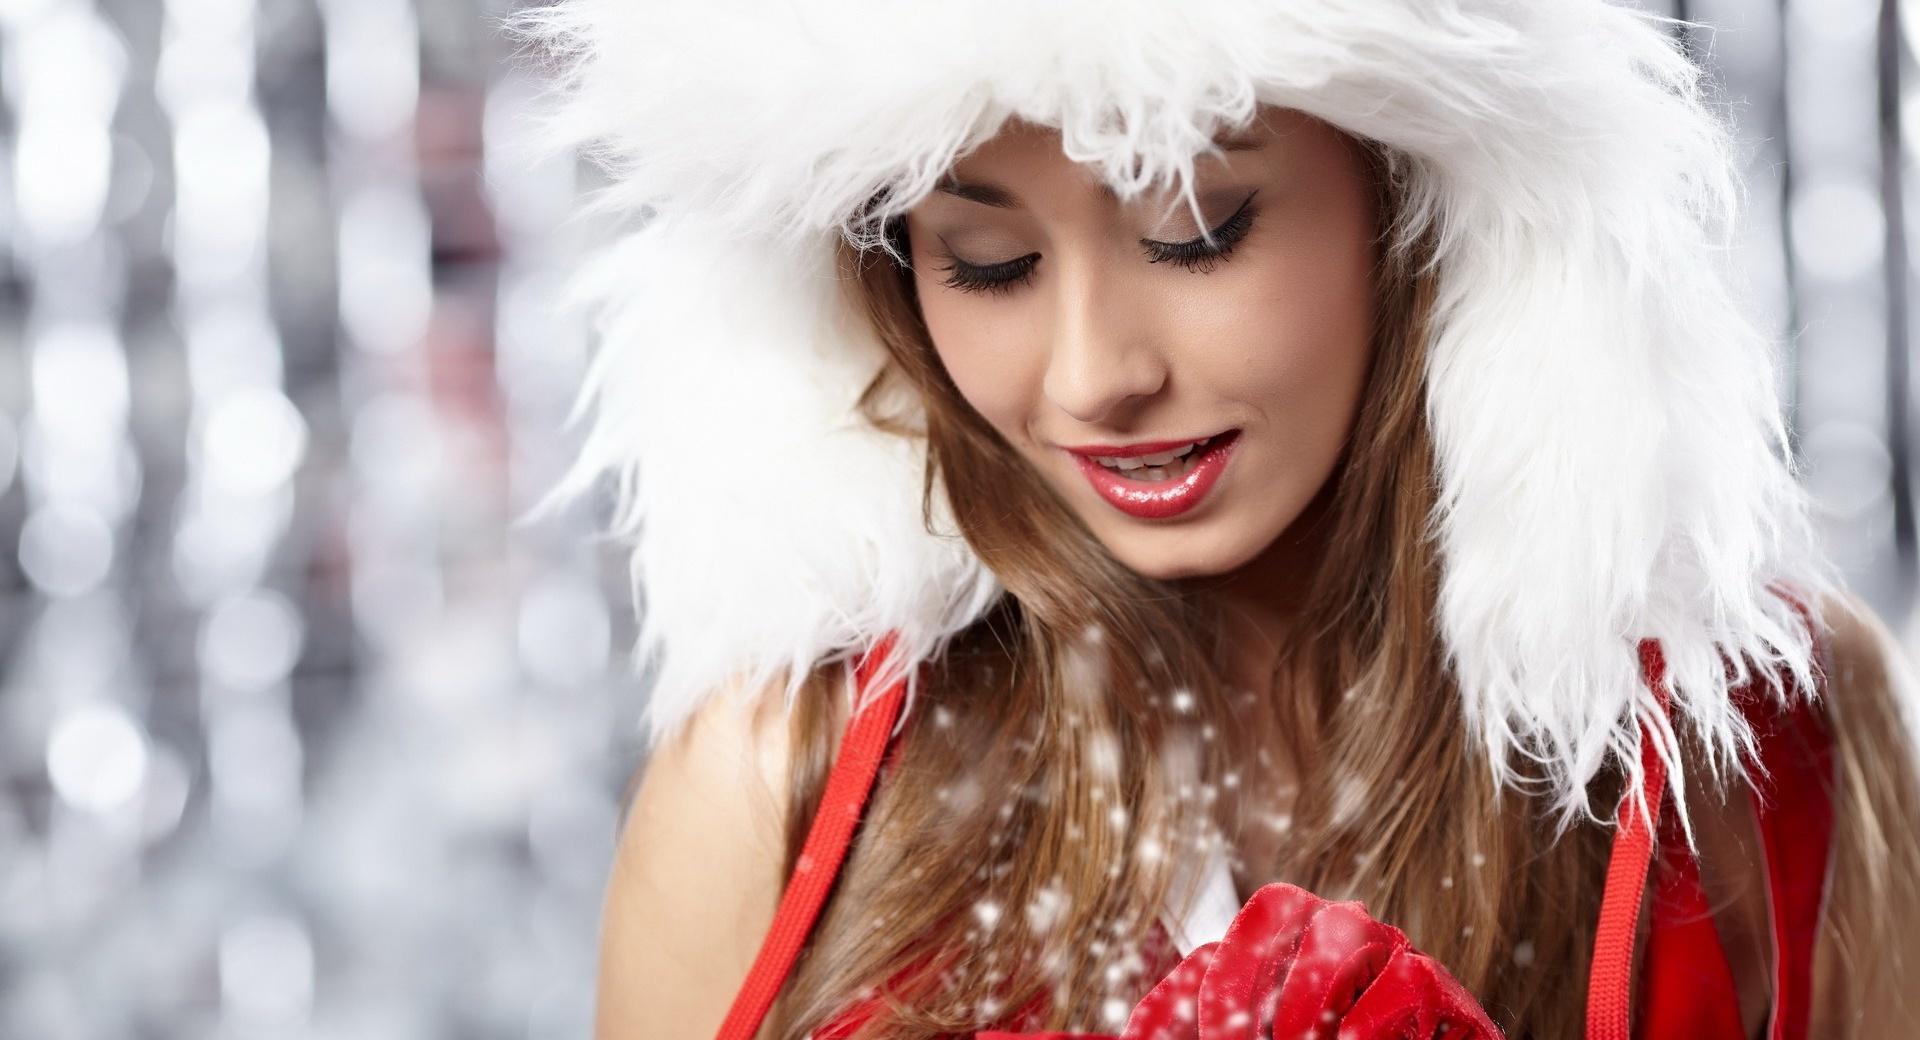 Christmas Girl wallpapers HD quality